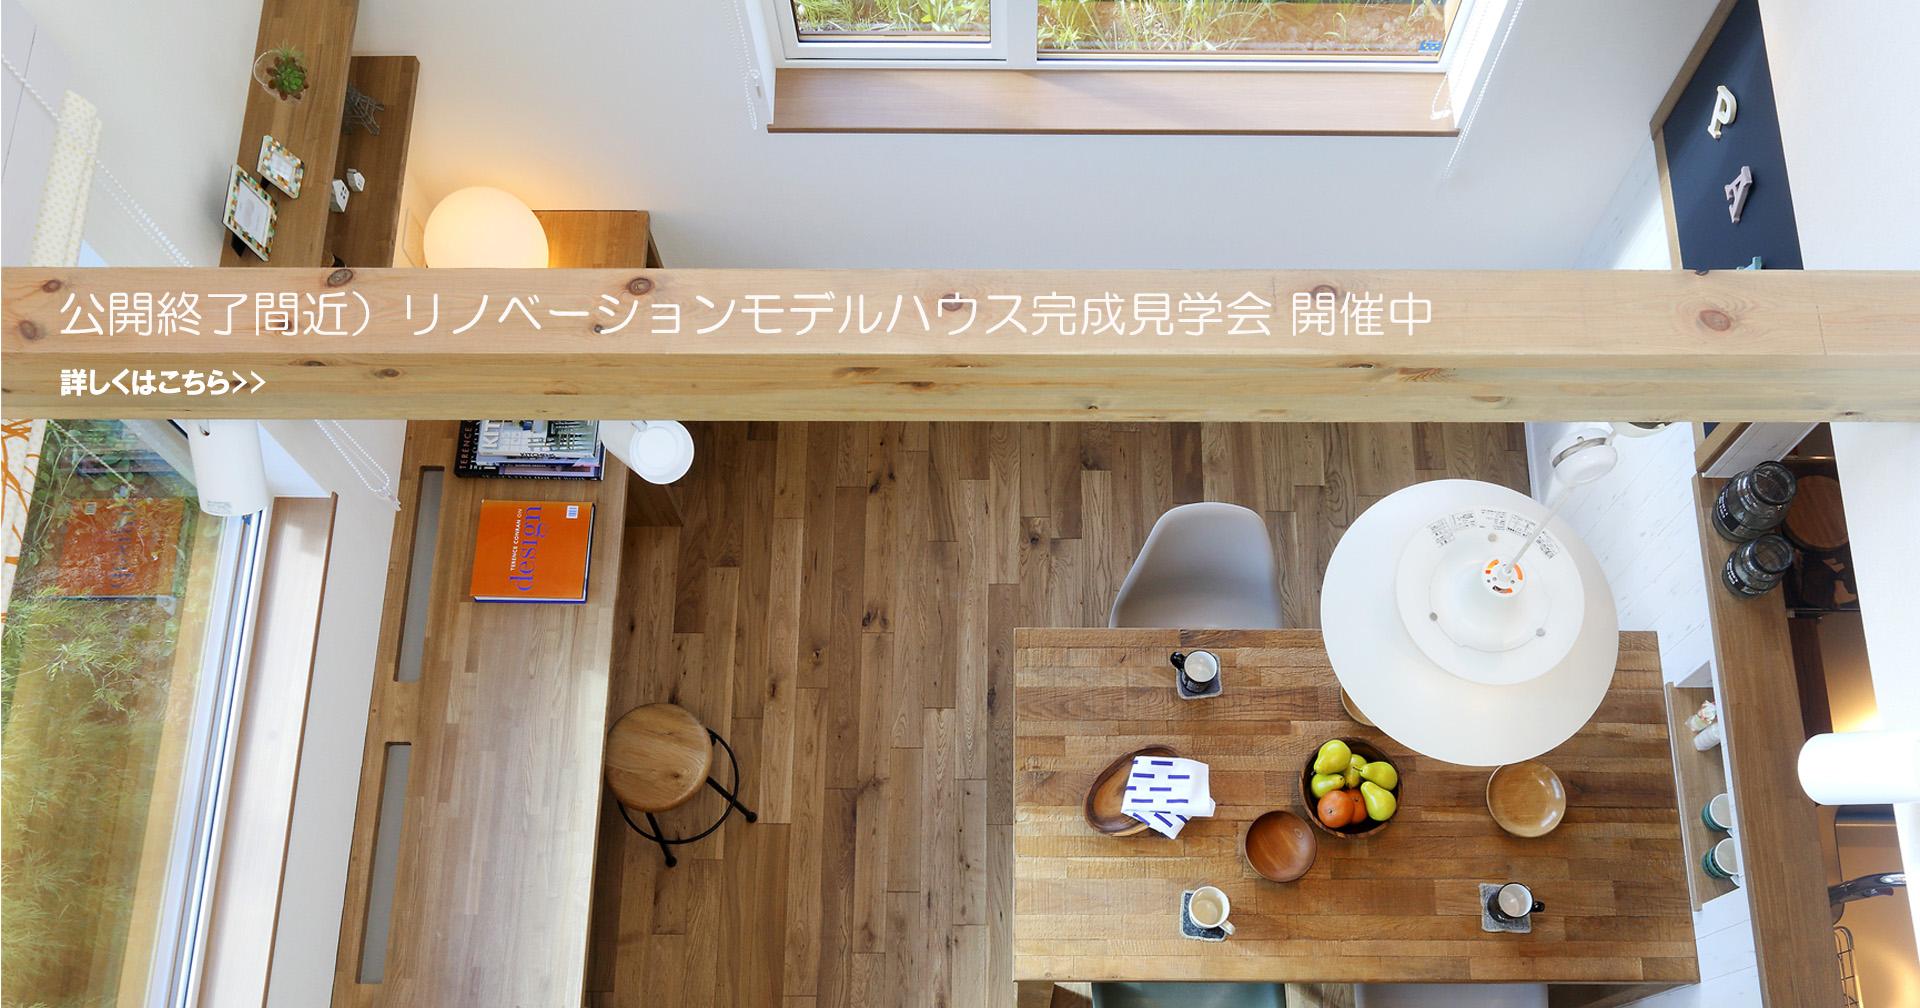 公開終了間近です!)札幌市厚別区 リノベーションモデルハウス 完成見学会(完全予約制)